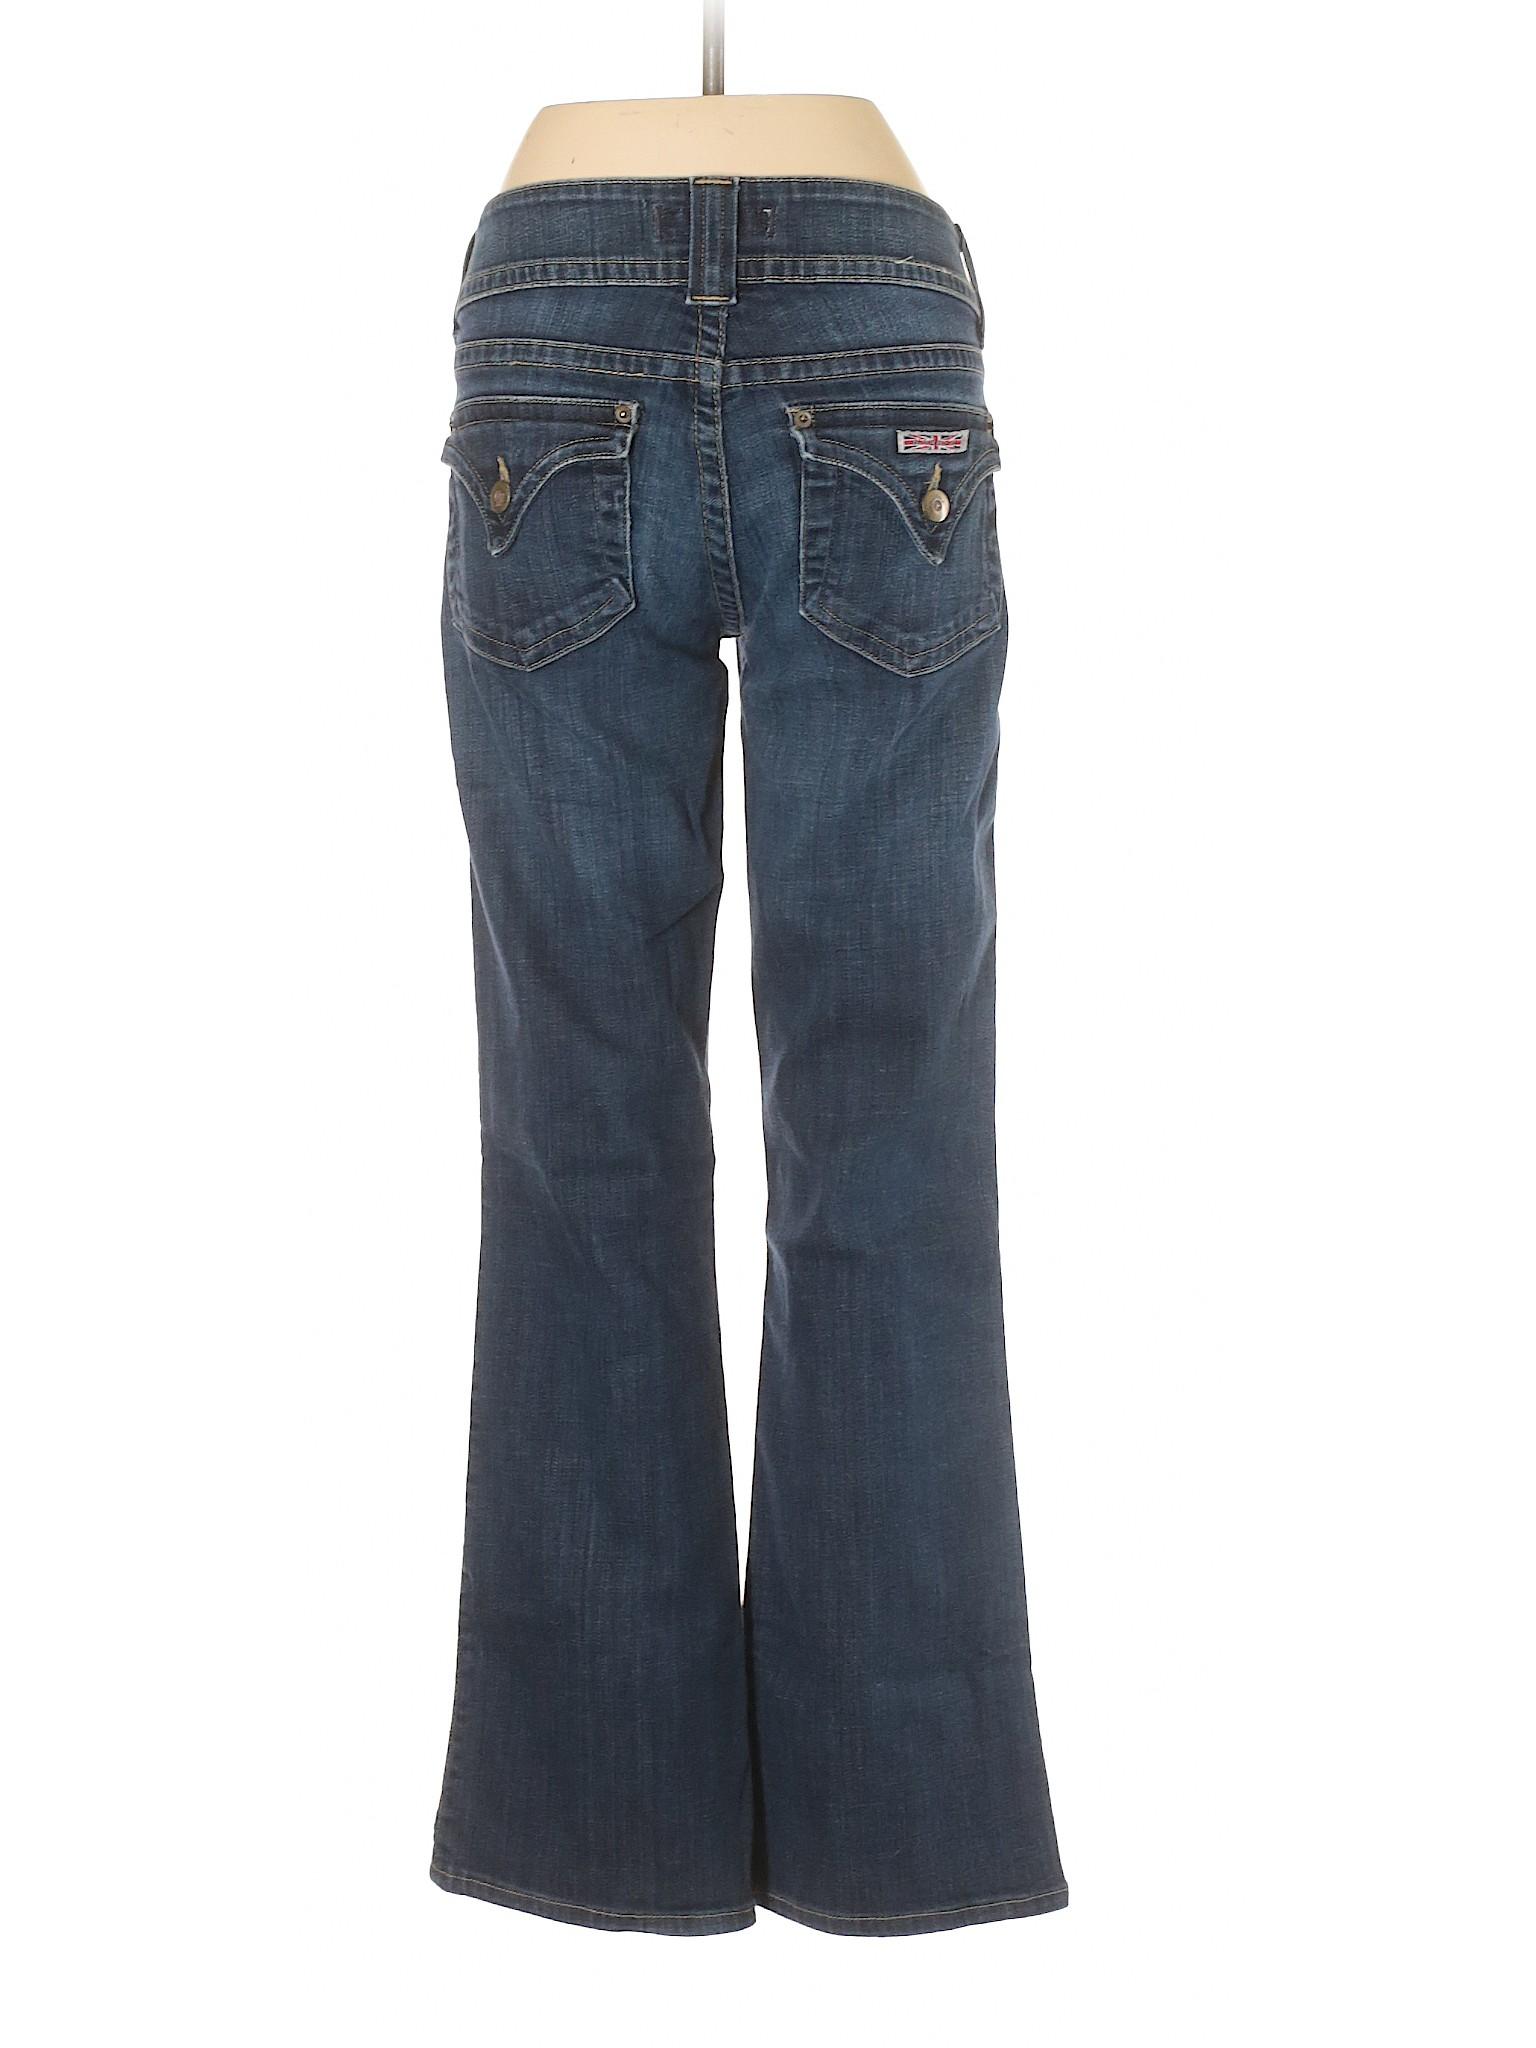 Promotion Jeans Jeans Promotion Hudson Hudson Promotion aqarZP